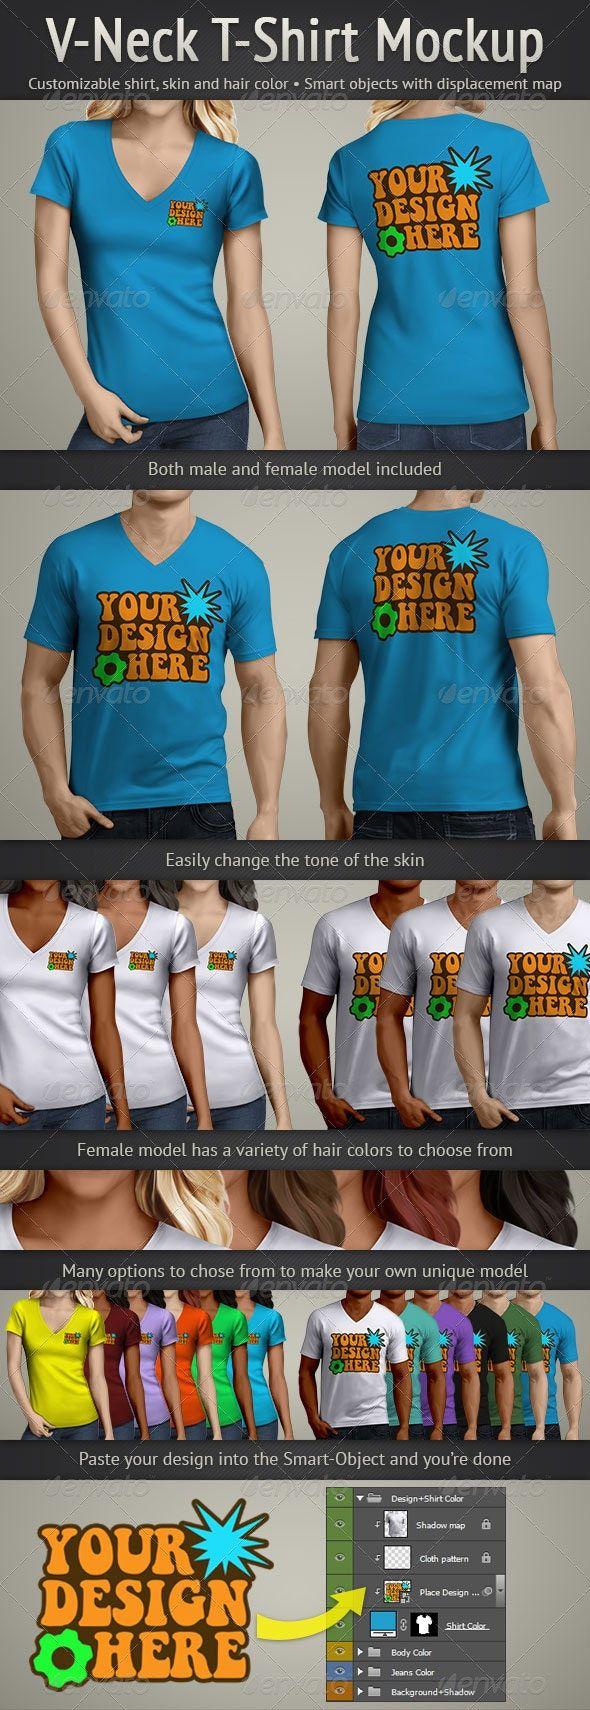 Download V Neck T Shirt Mockup Shirt Mockup Tshirt Mockup Clothing Mockup